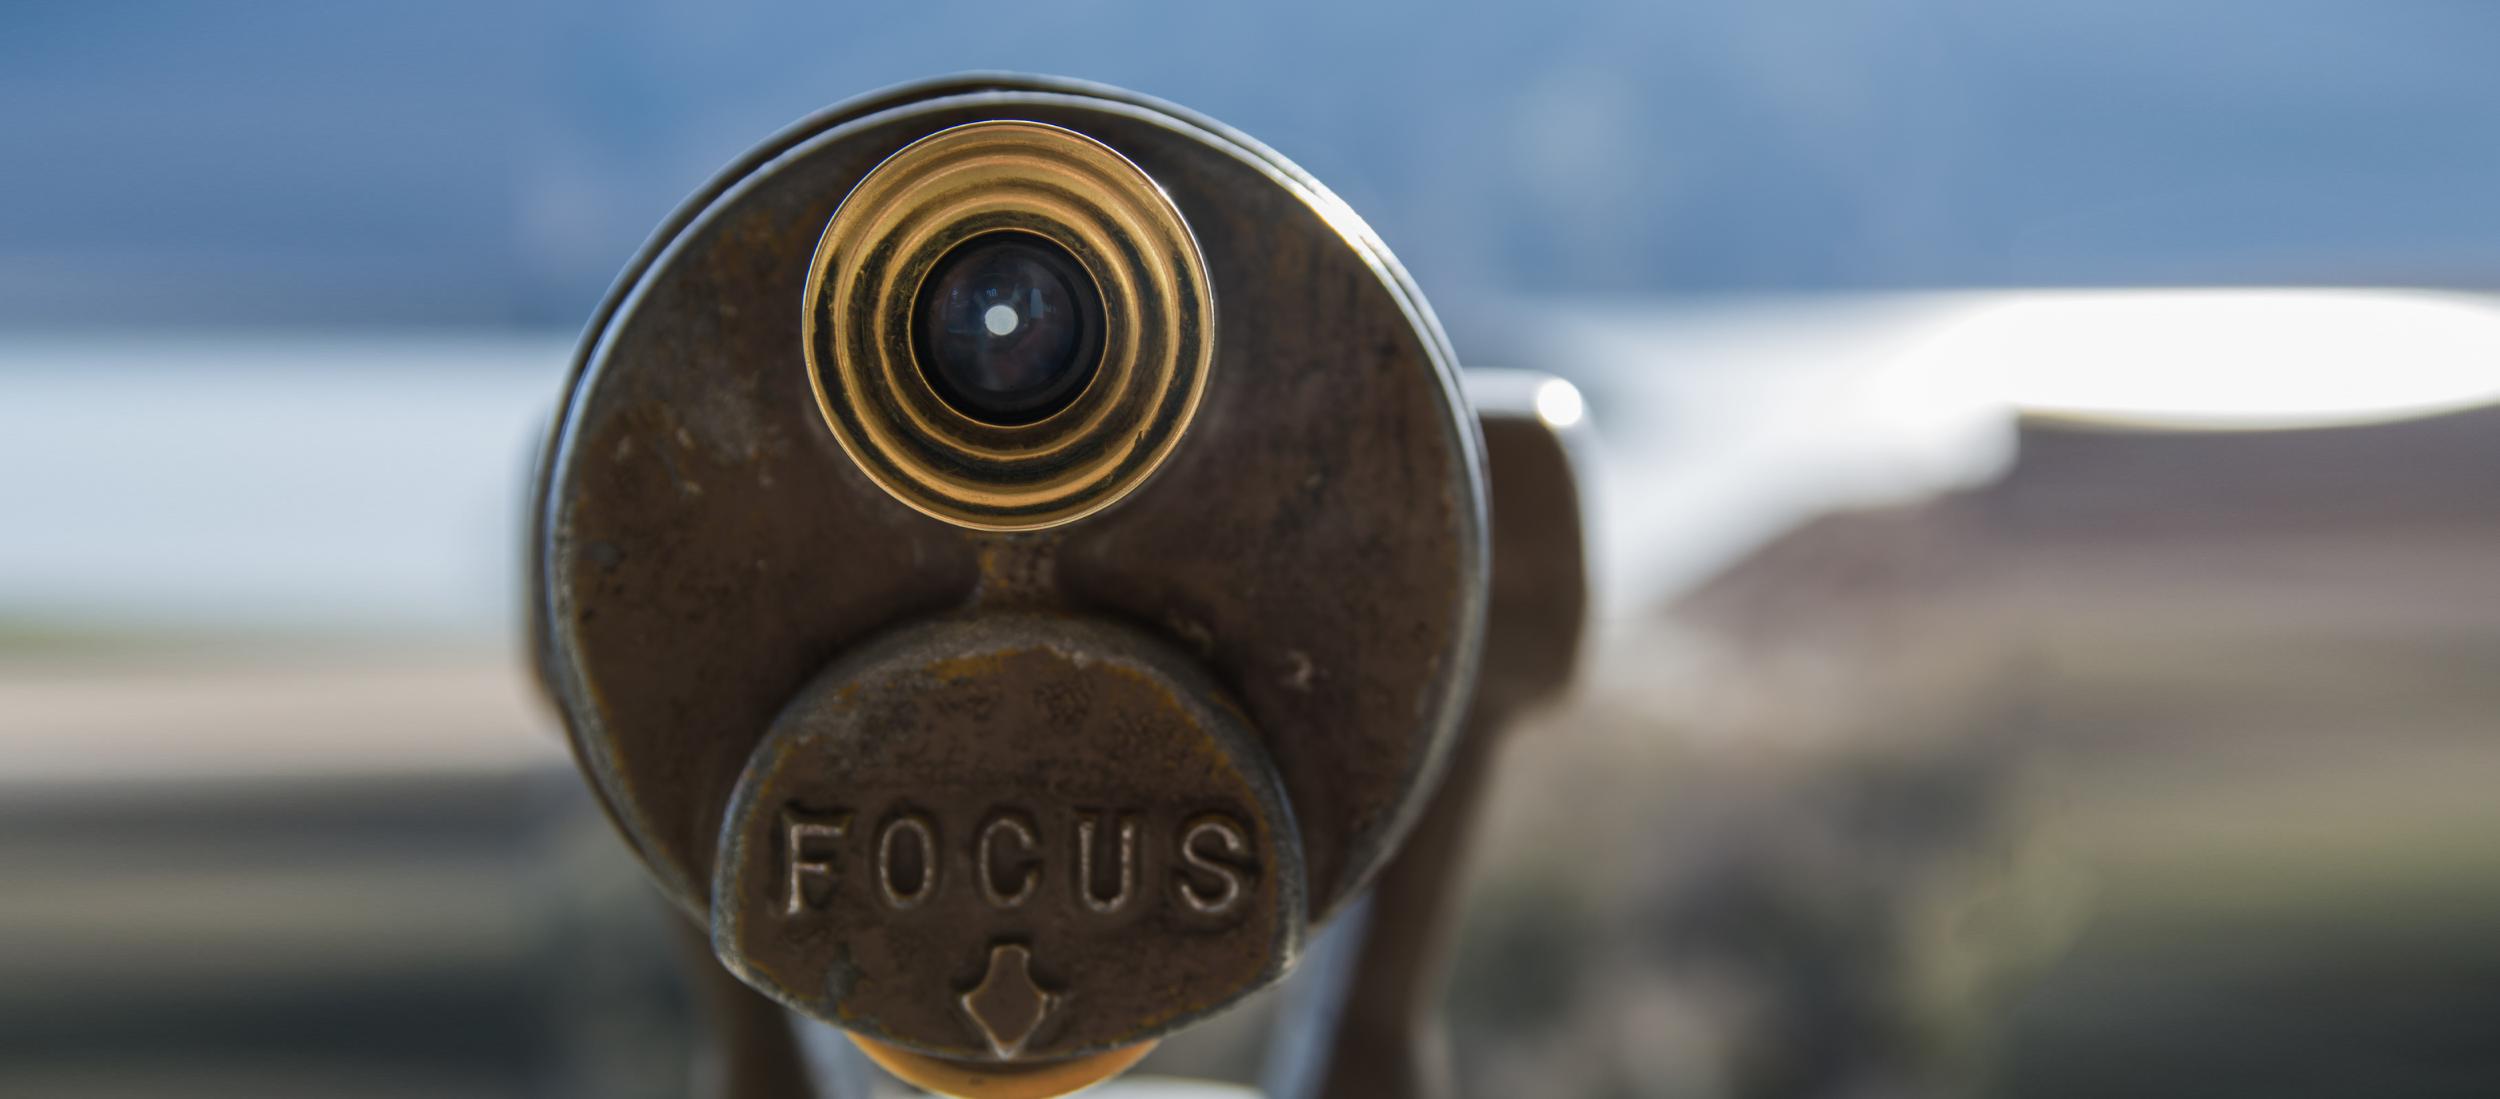 Focus-01.png